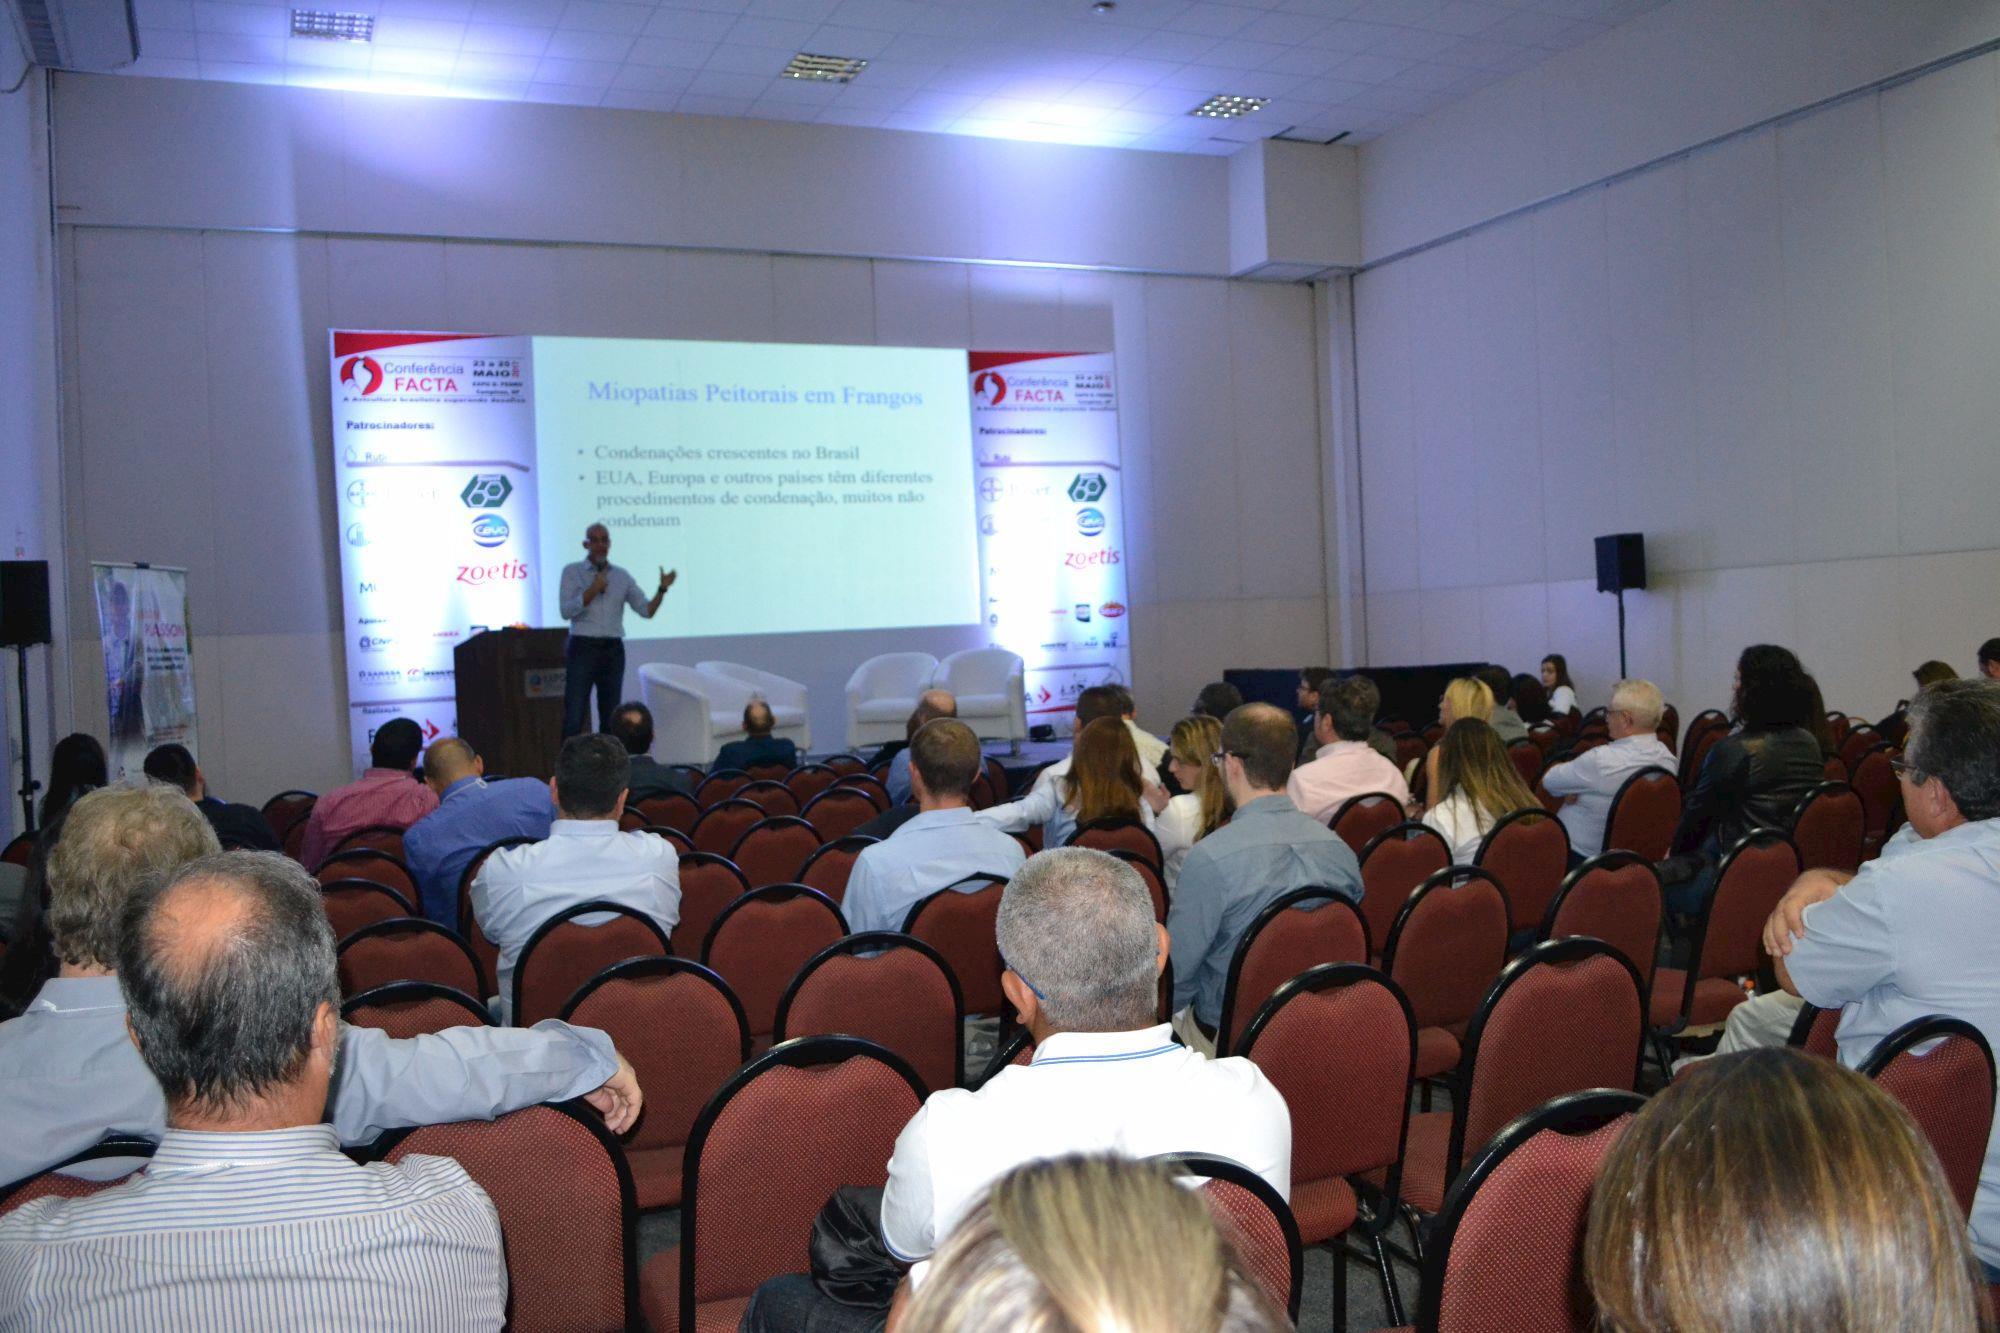 Confira as fotos do 2º dia da Conferência Facta 2017, Confira as fotos do 2º dia da Conferência Facta 2017